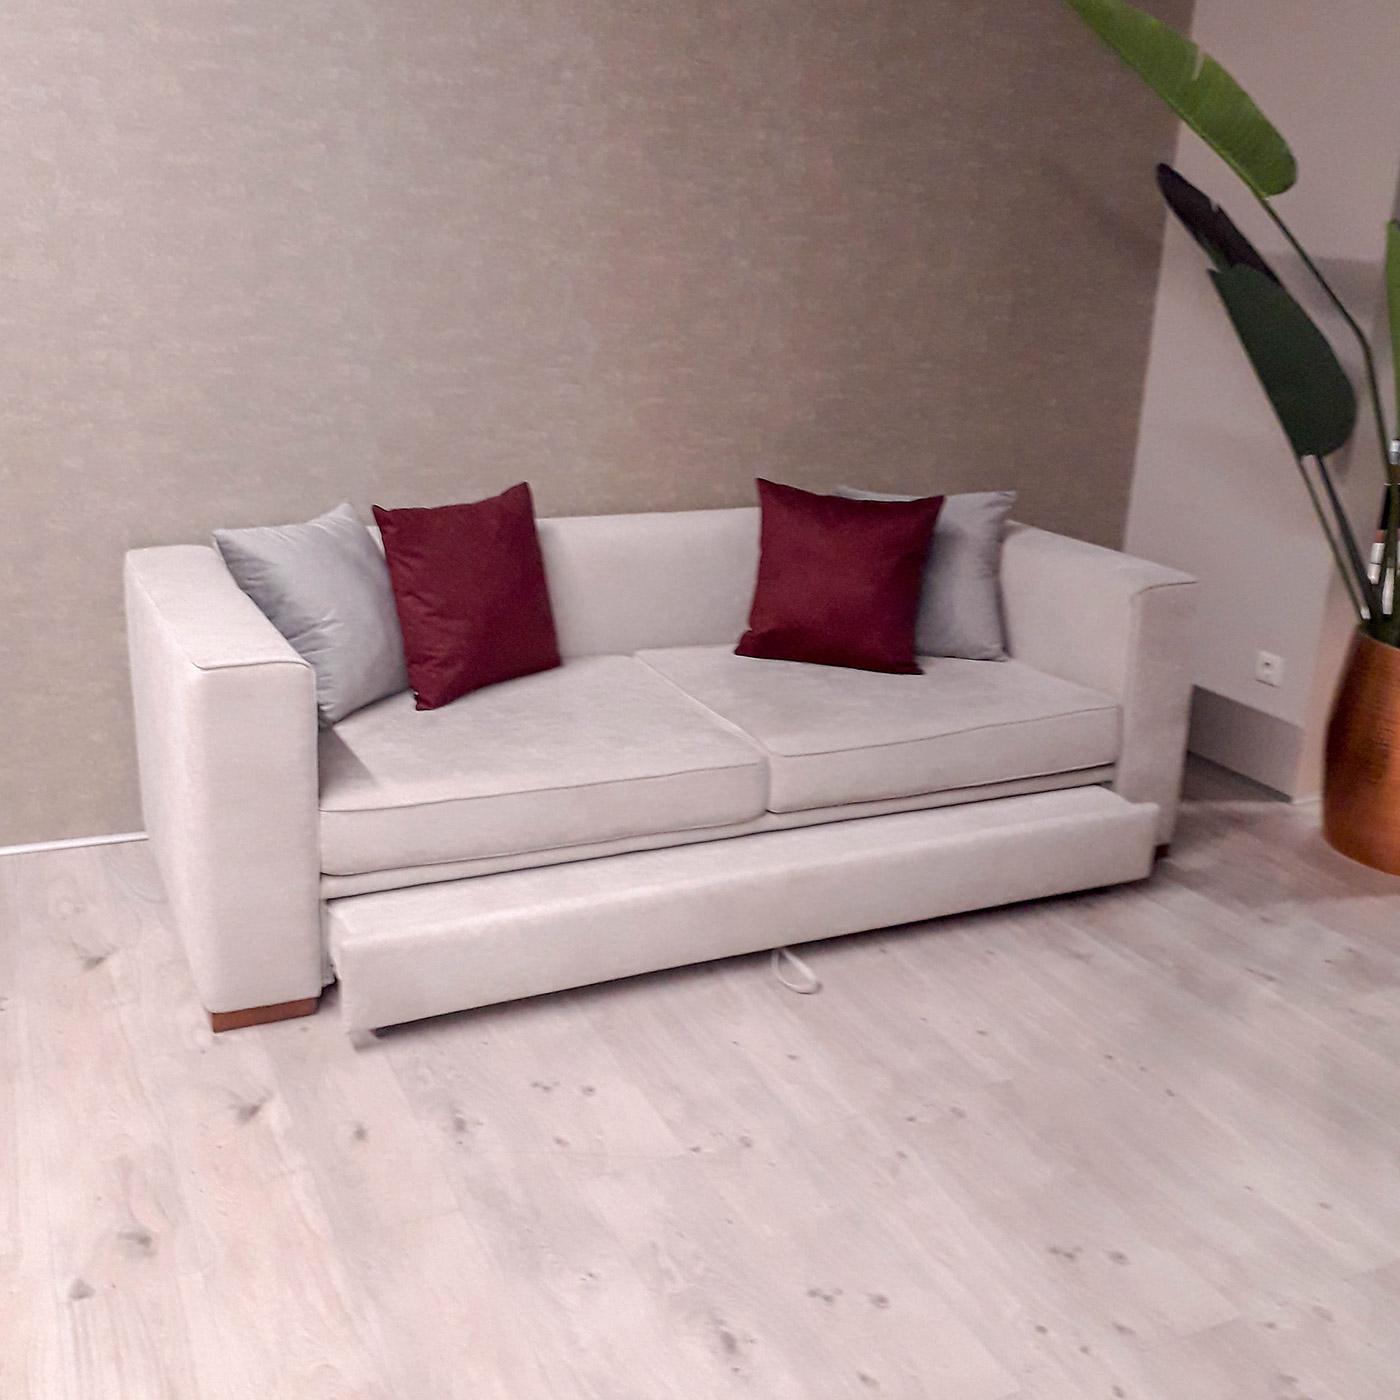 sofa-cama-domkapa-liquidação-total